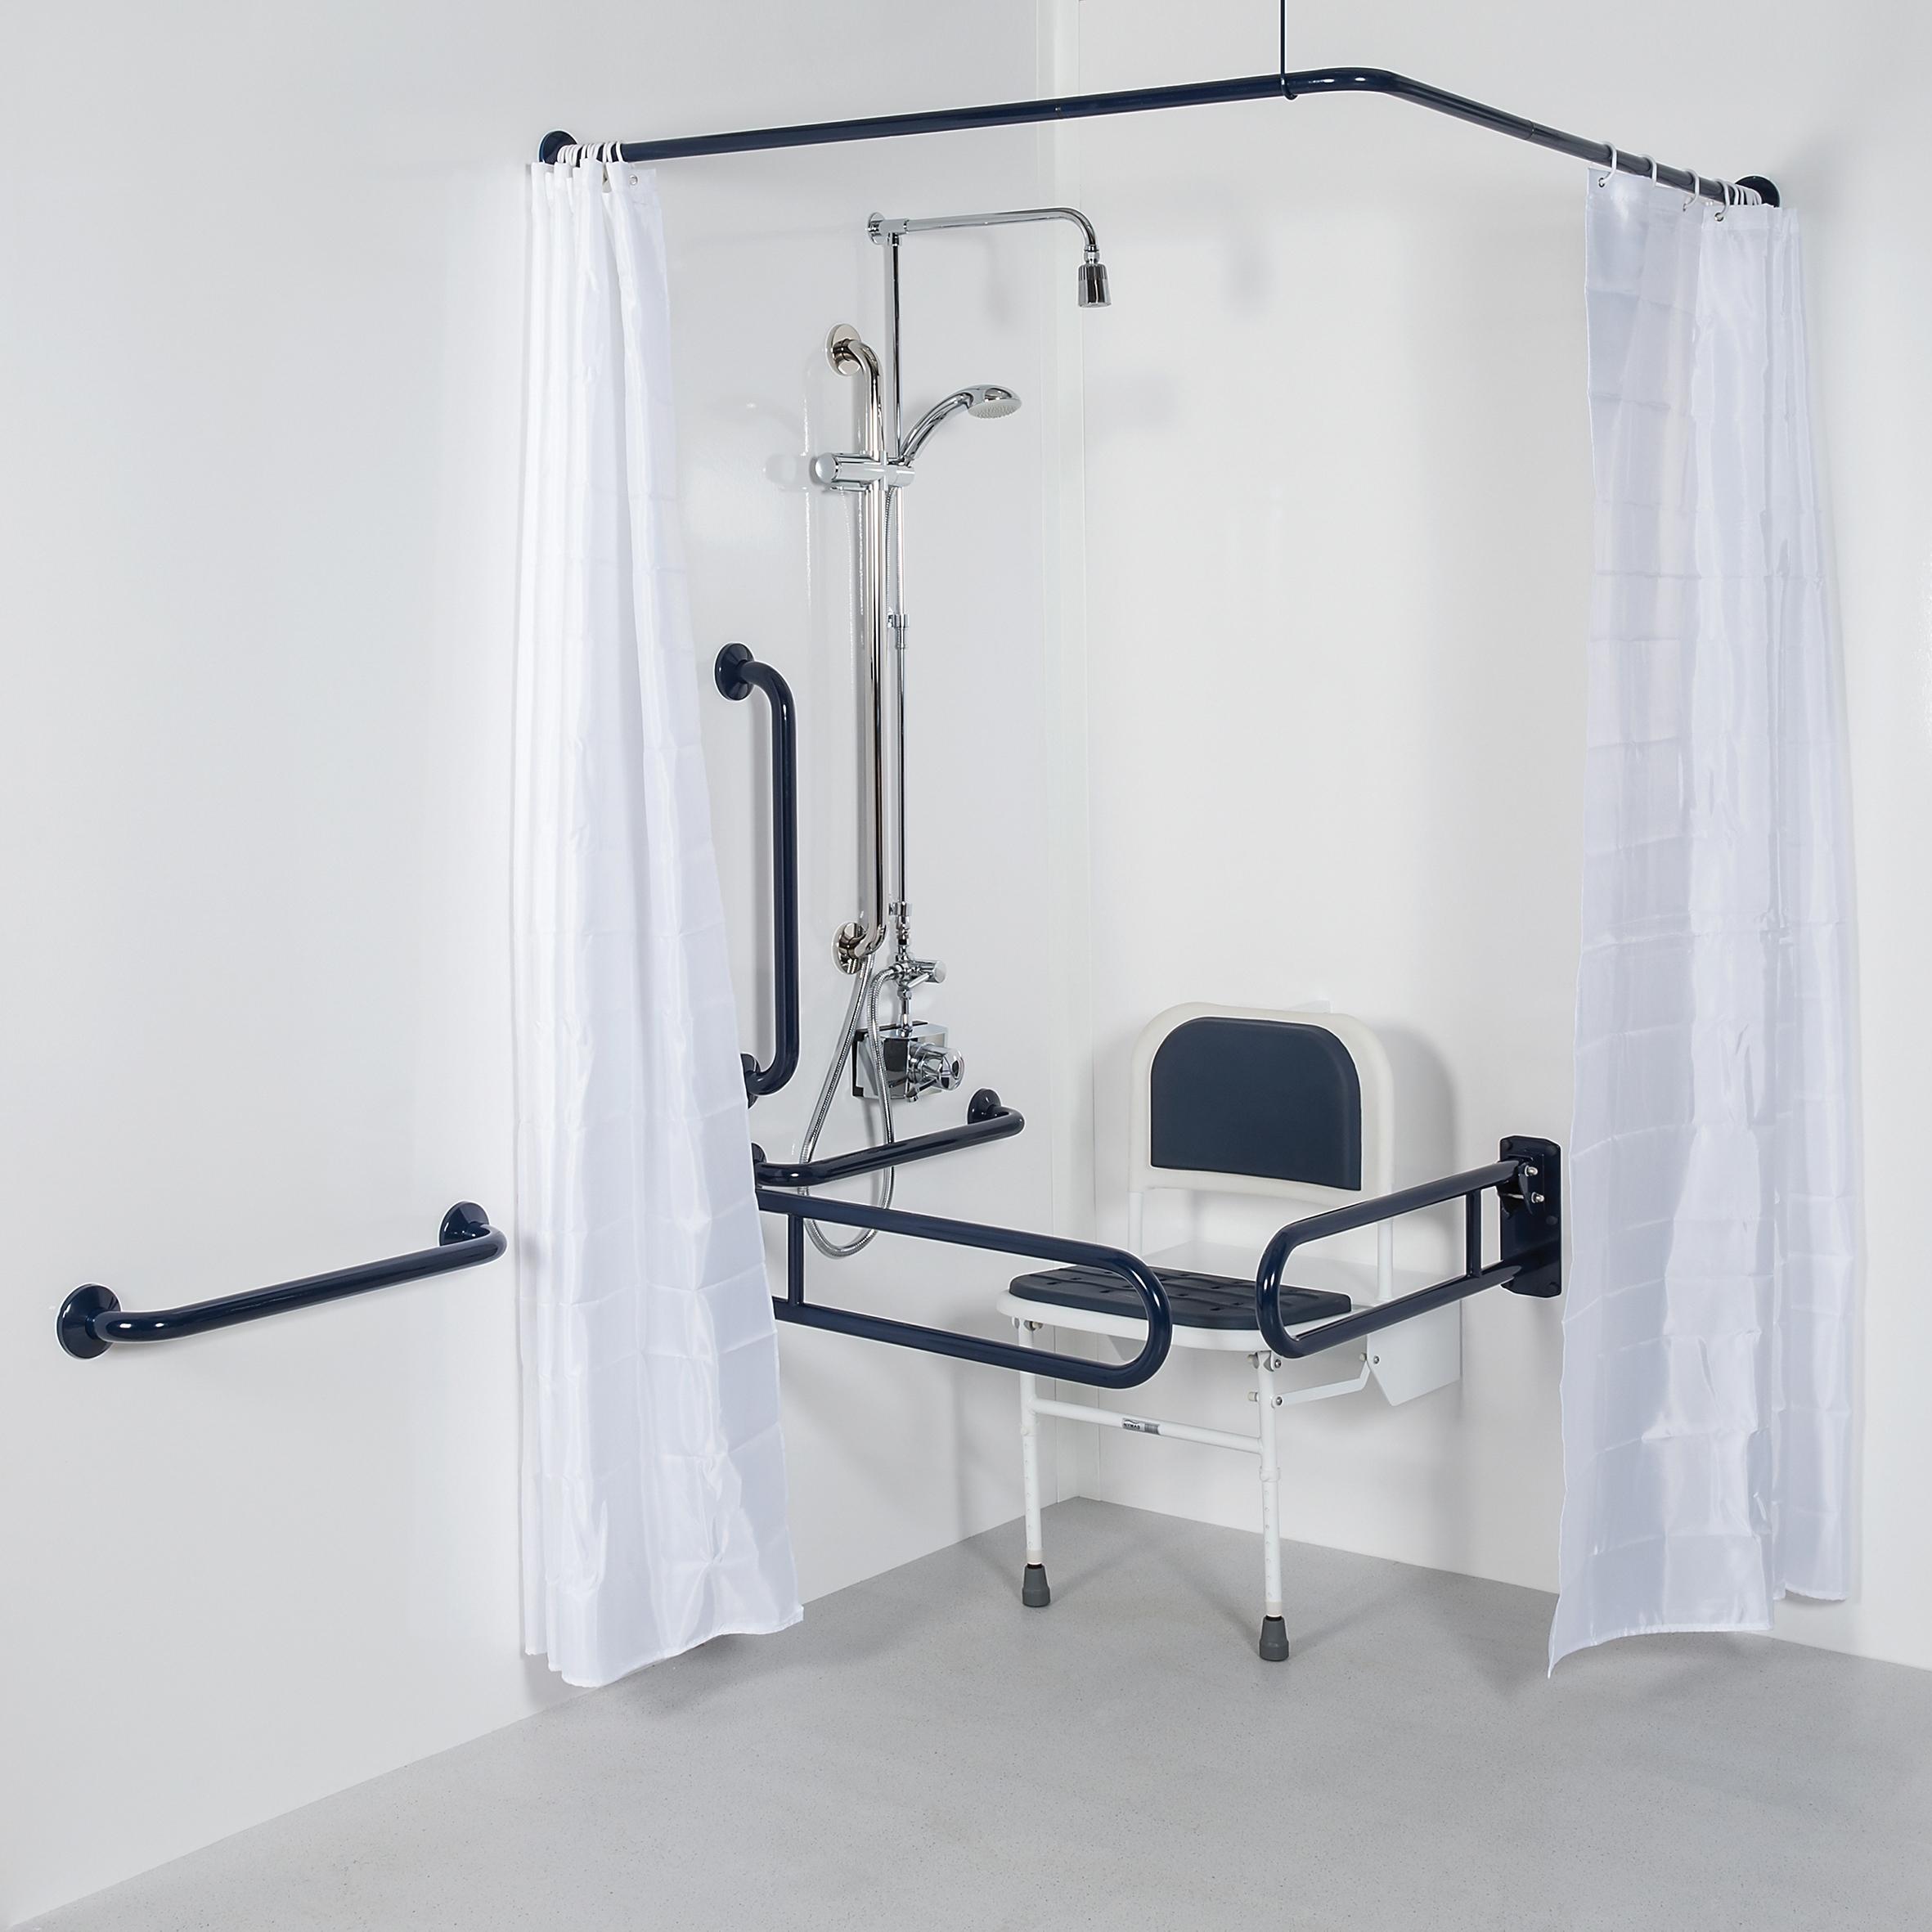 DocM Showering Pack - Blue